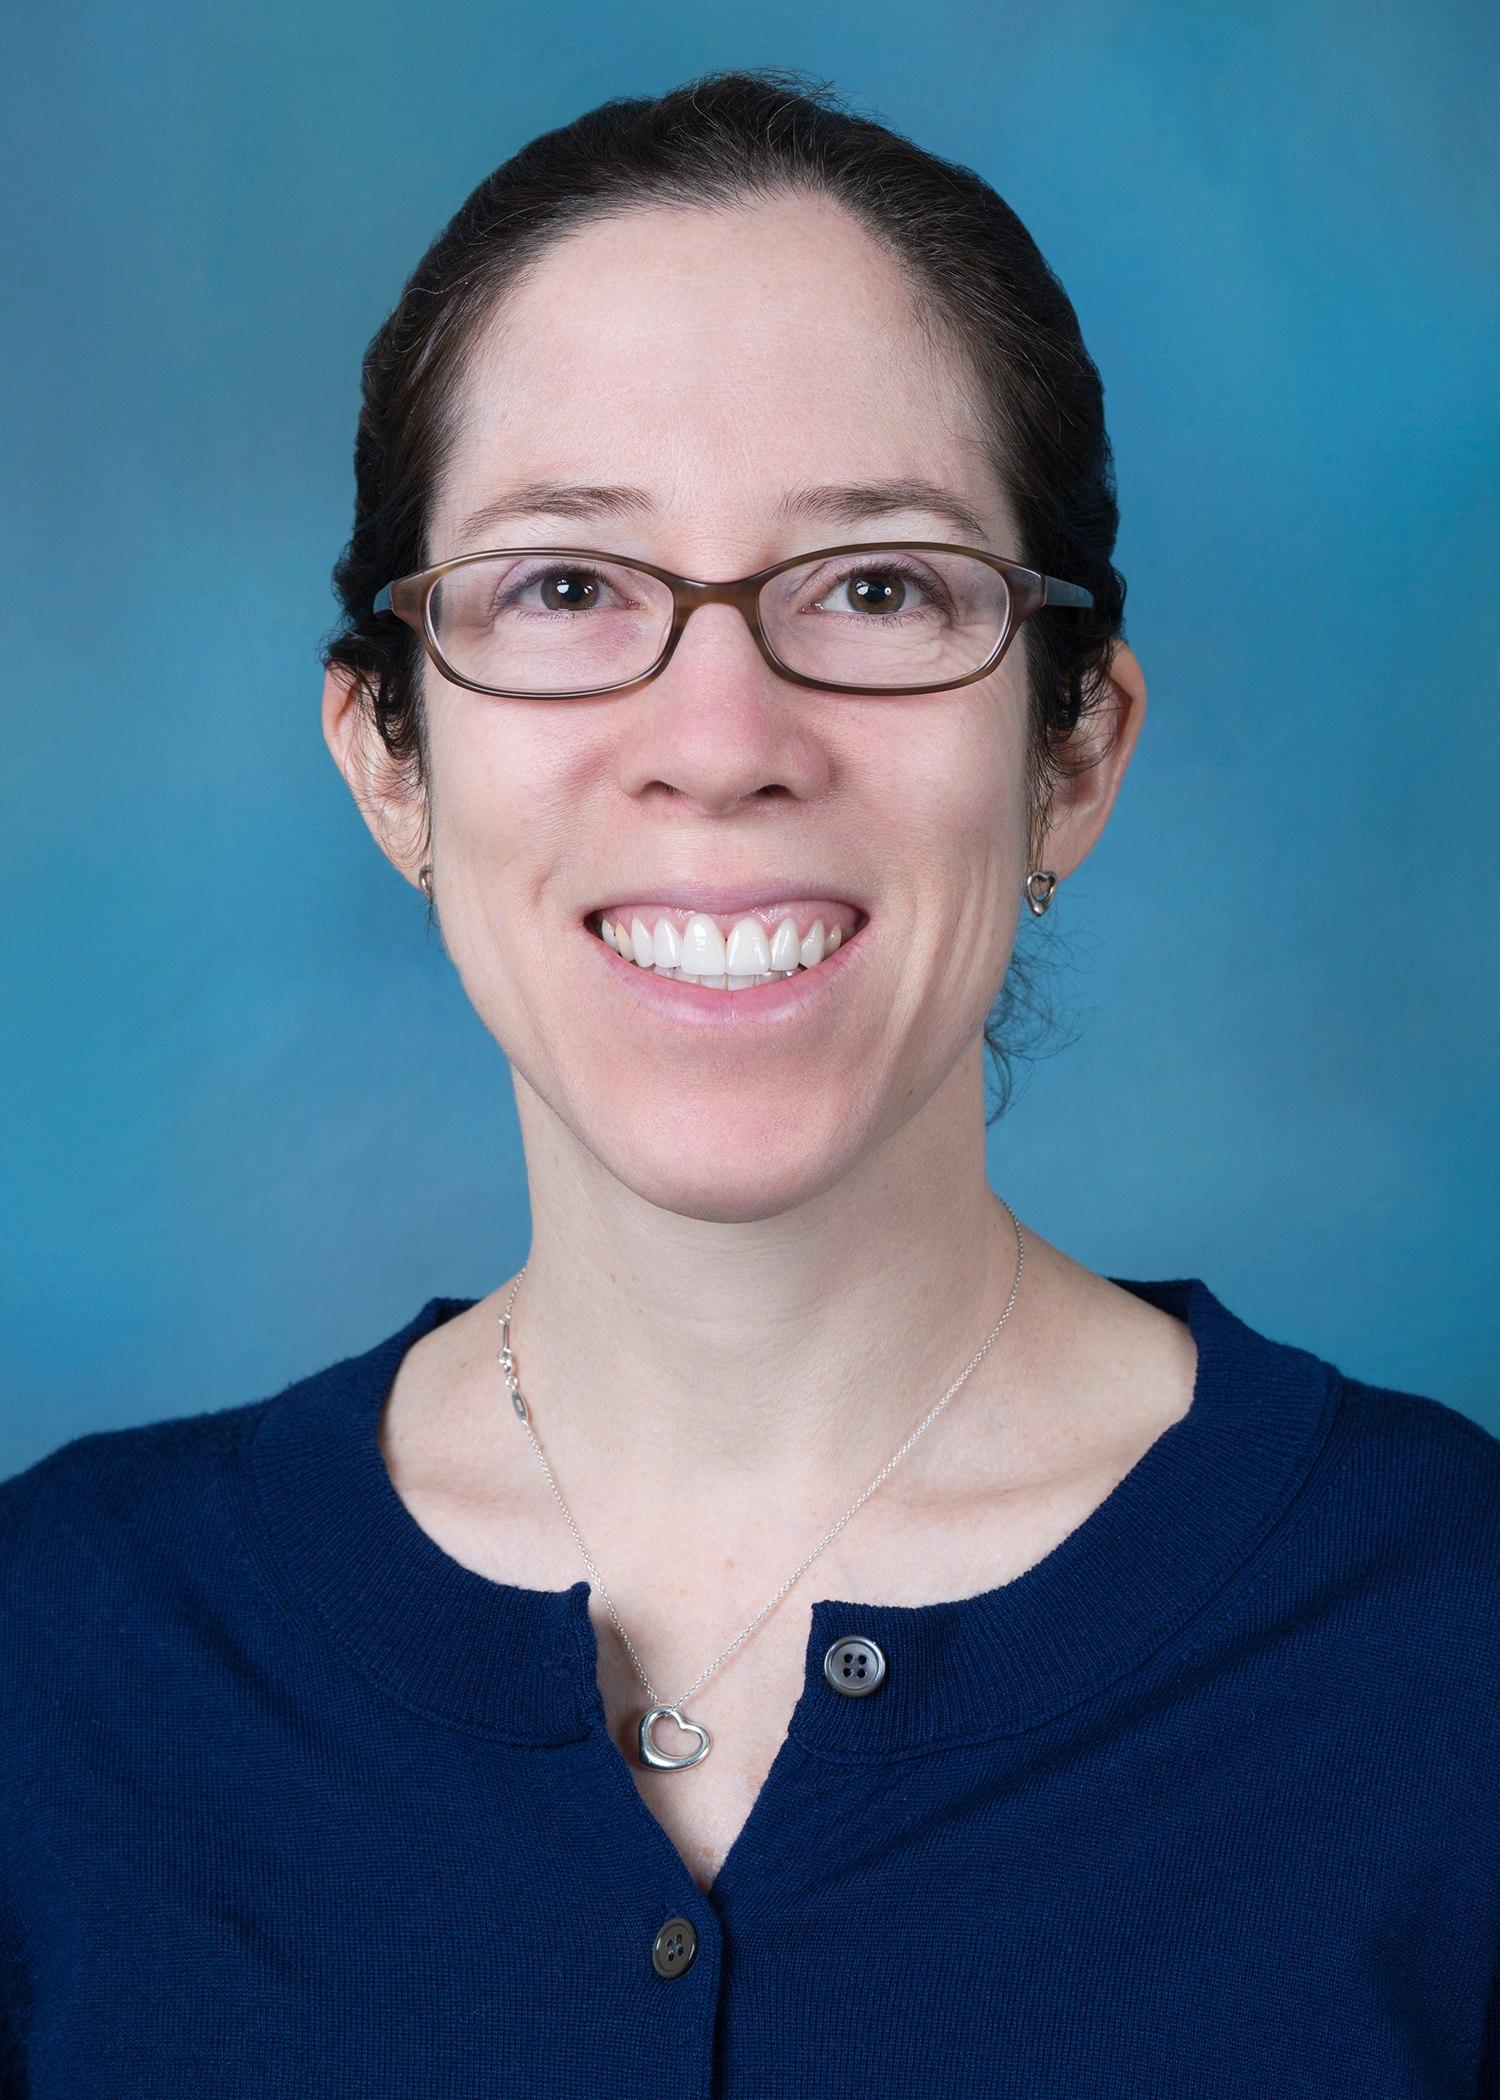 Dr. Erica E Bernfeld MD